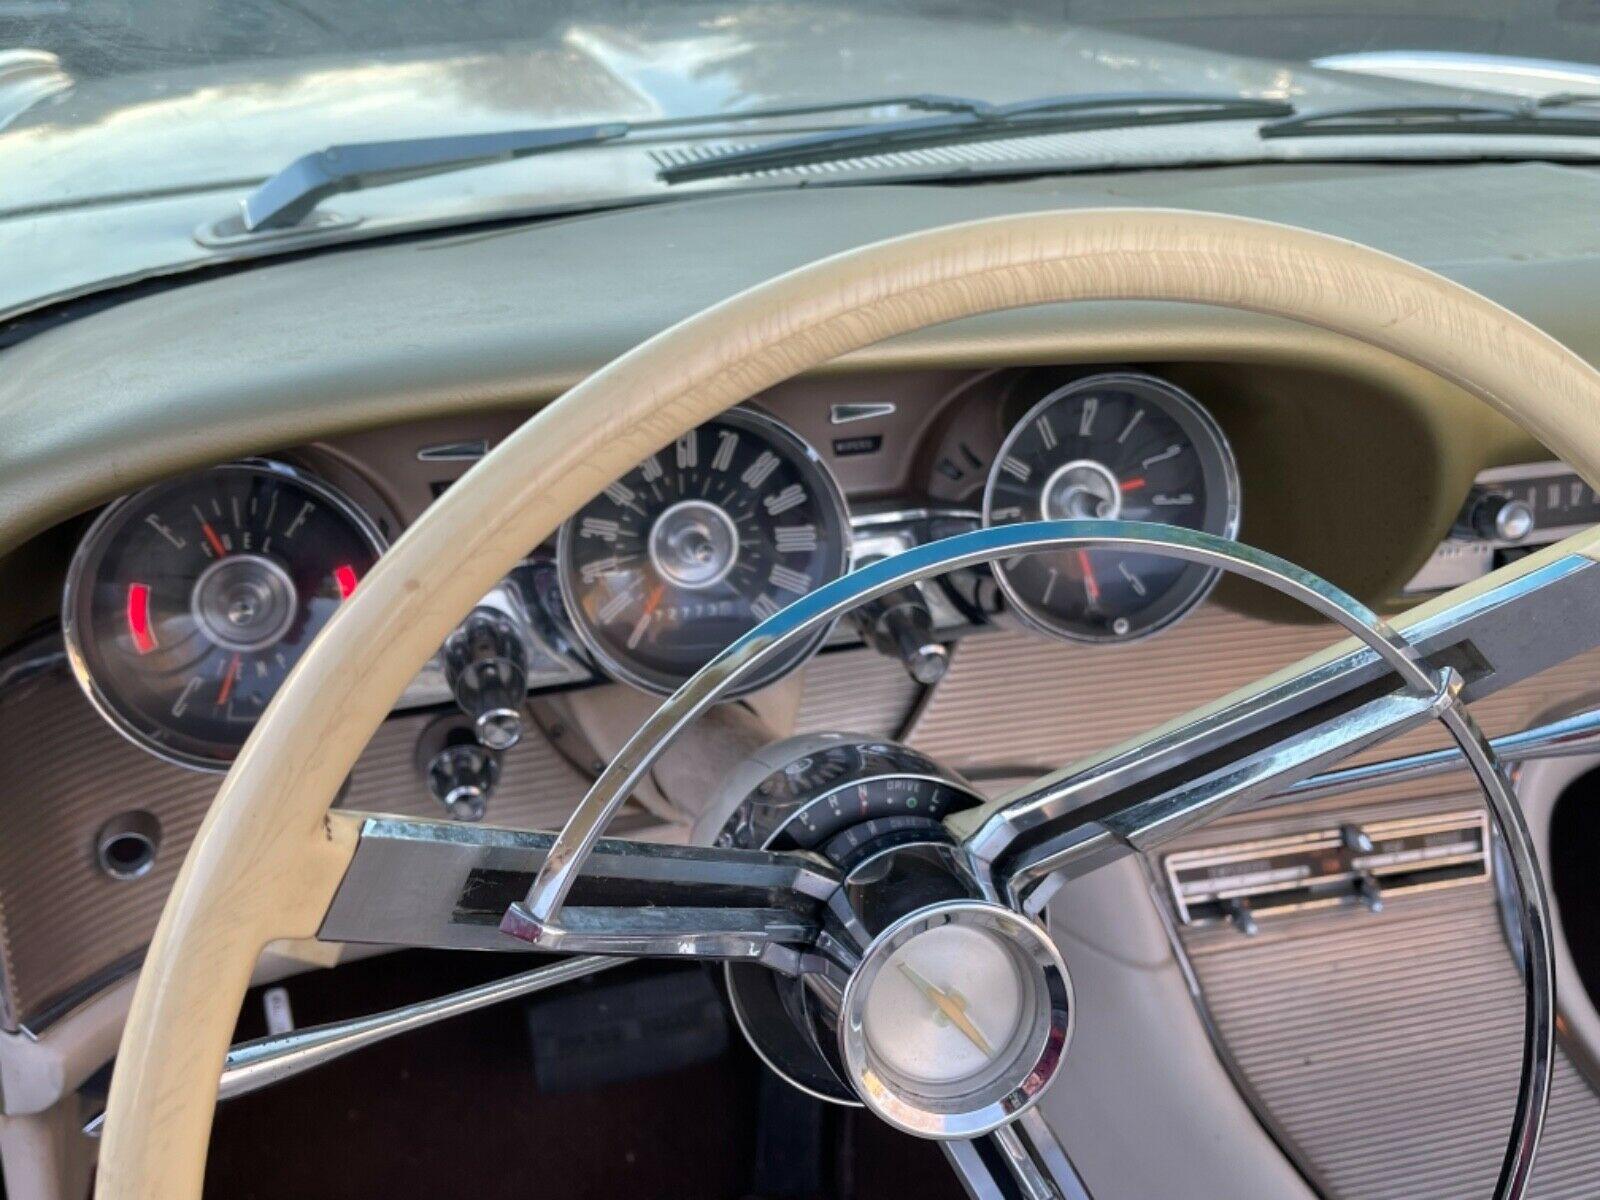 Ford Thunderbird 1962 nguyên bản xuất hiện sau 22 năm - Ảnh 3.